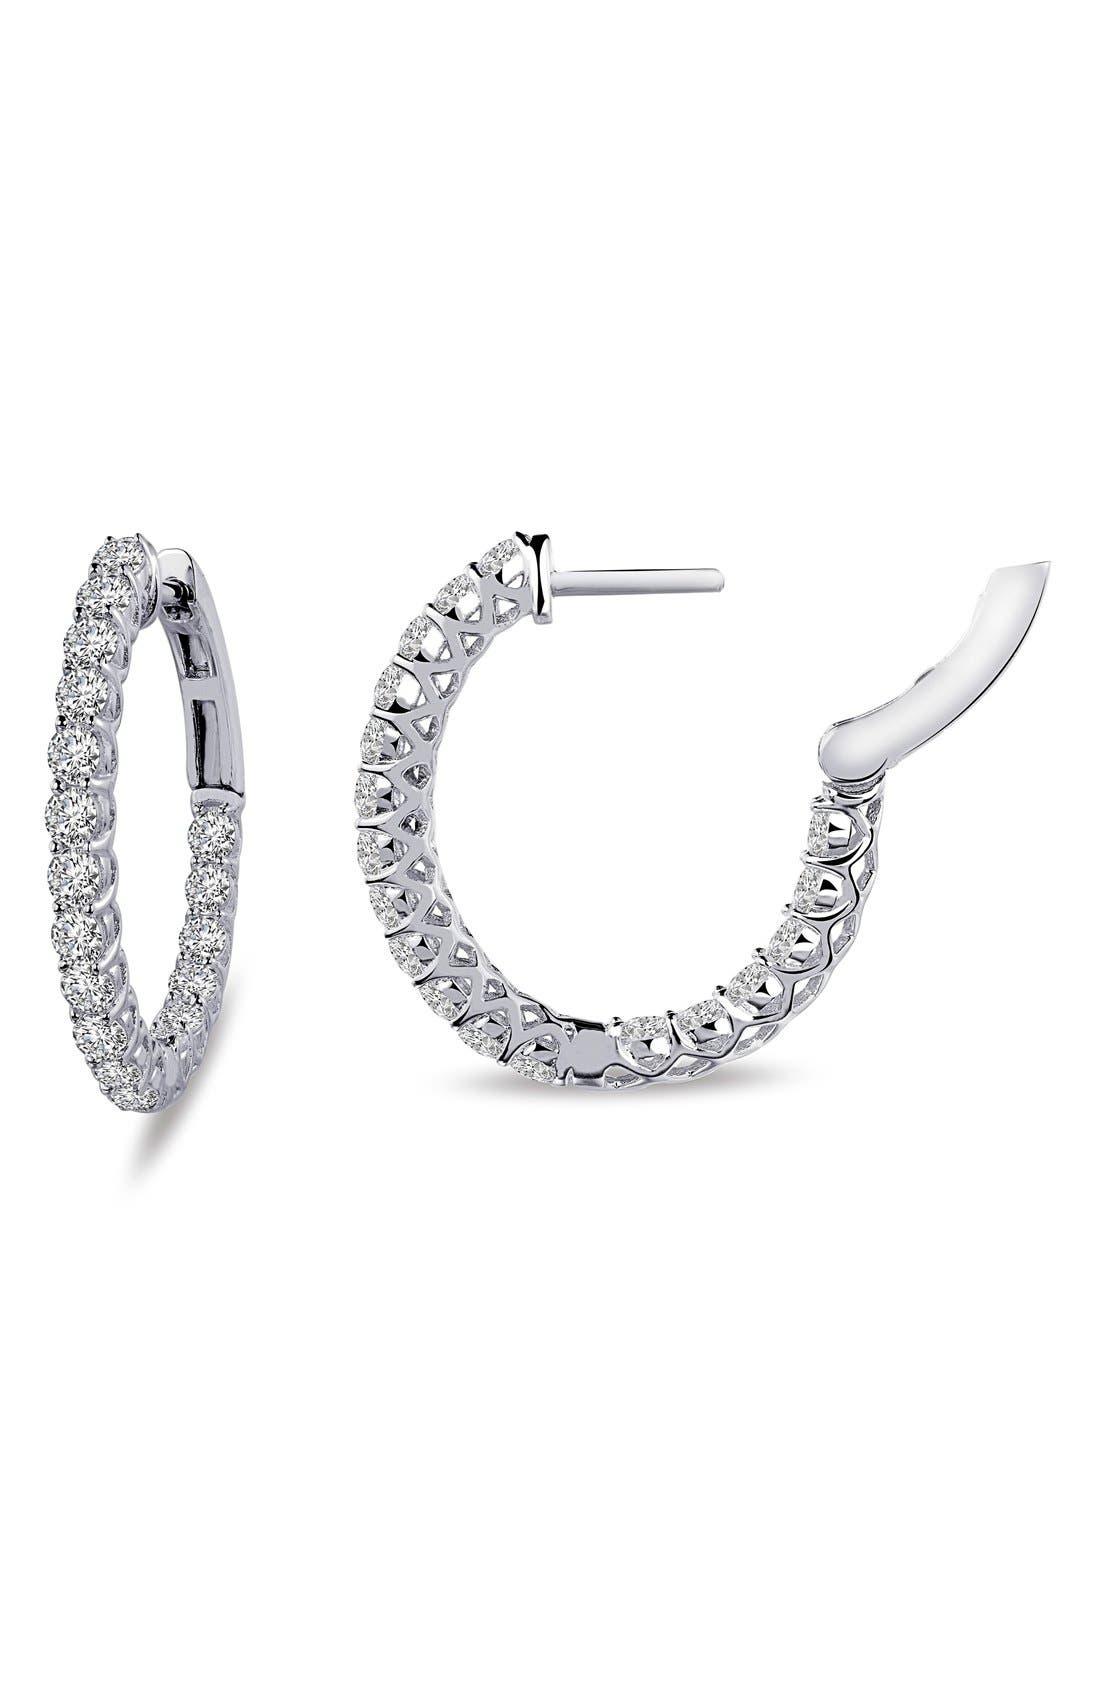 LAFONN Lassaire Oval Hoop Earrings